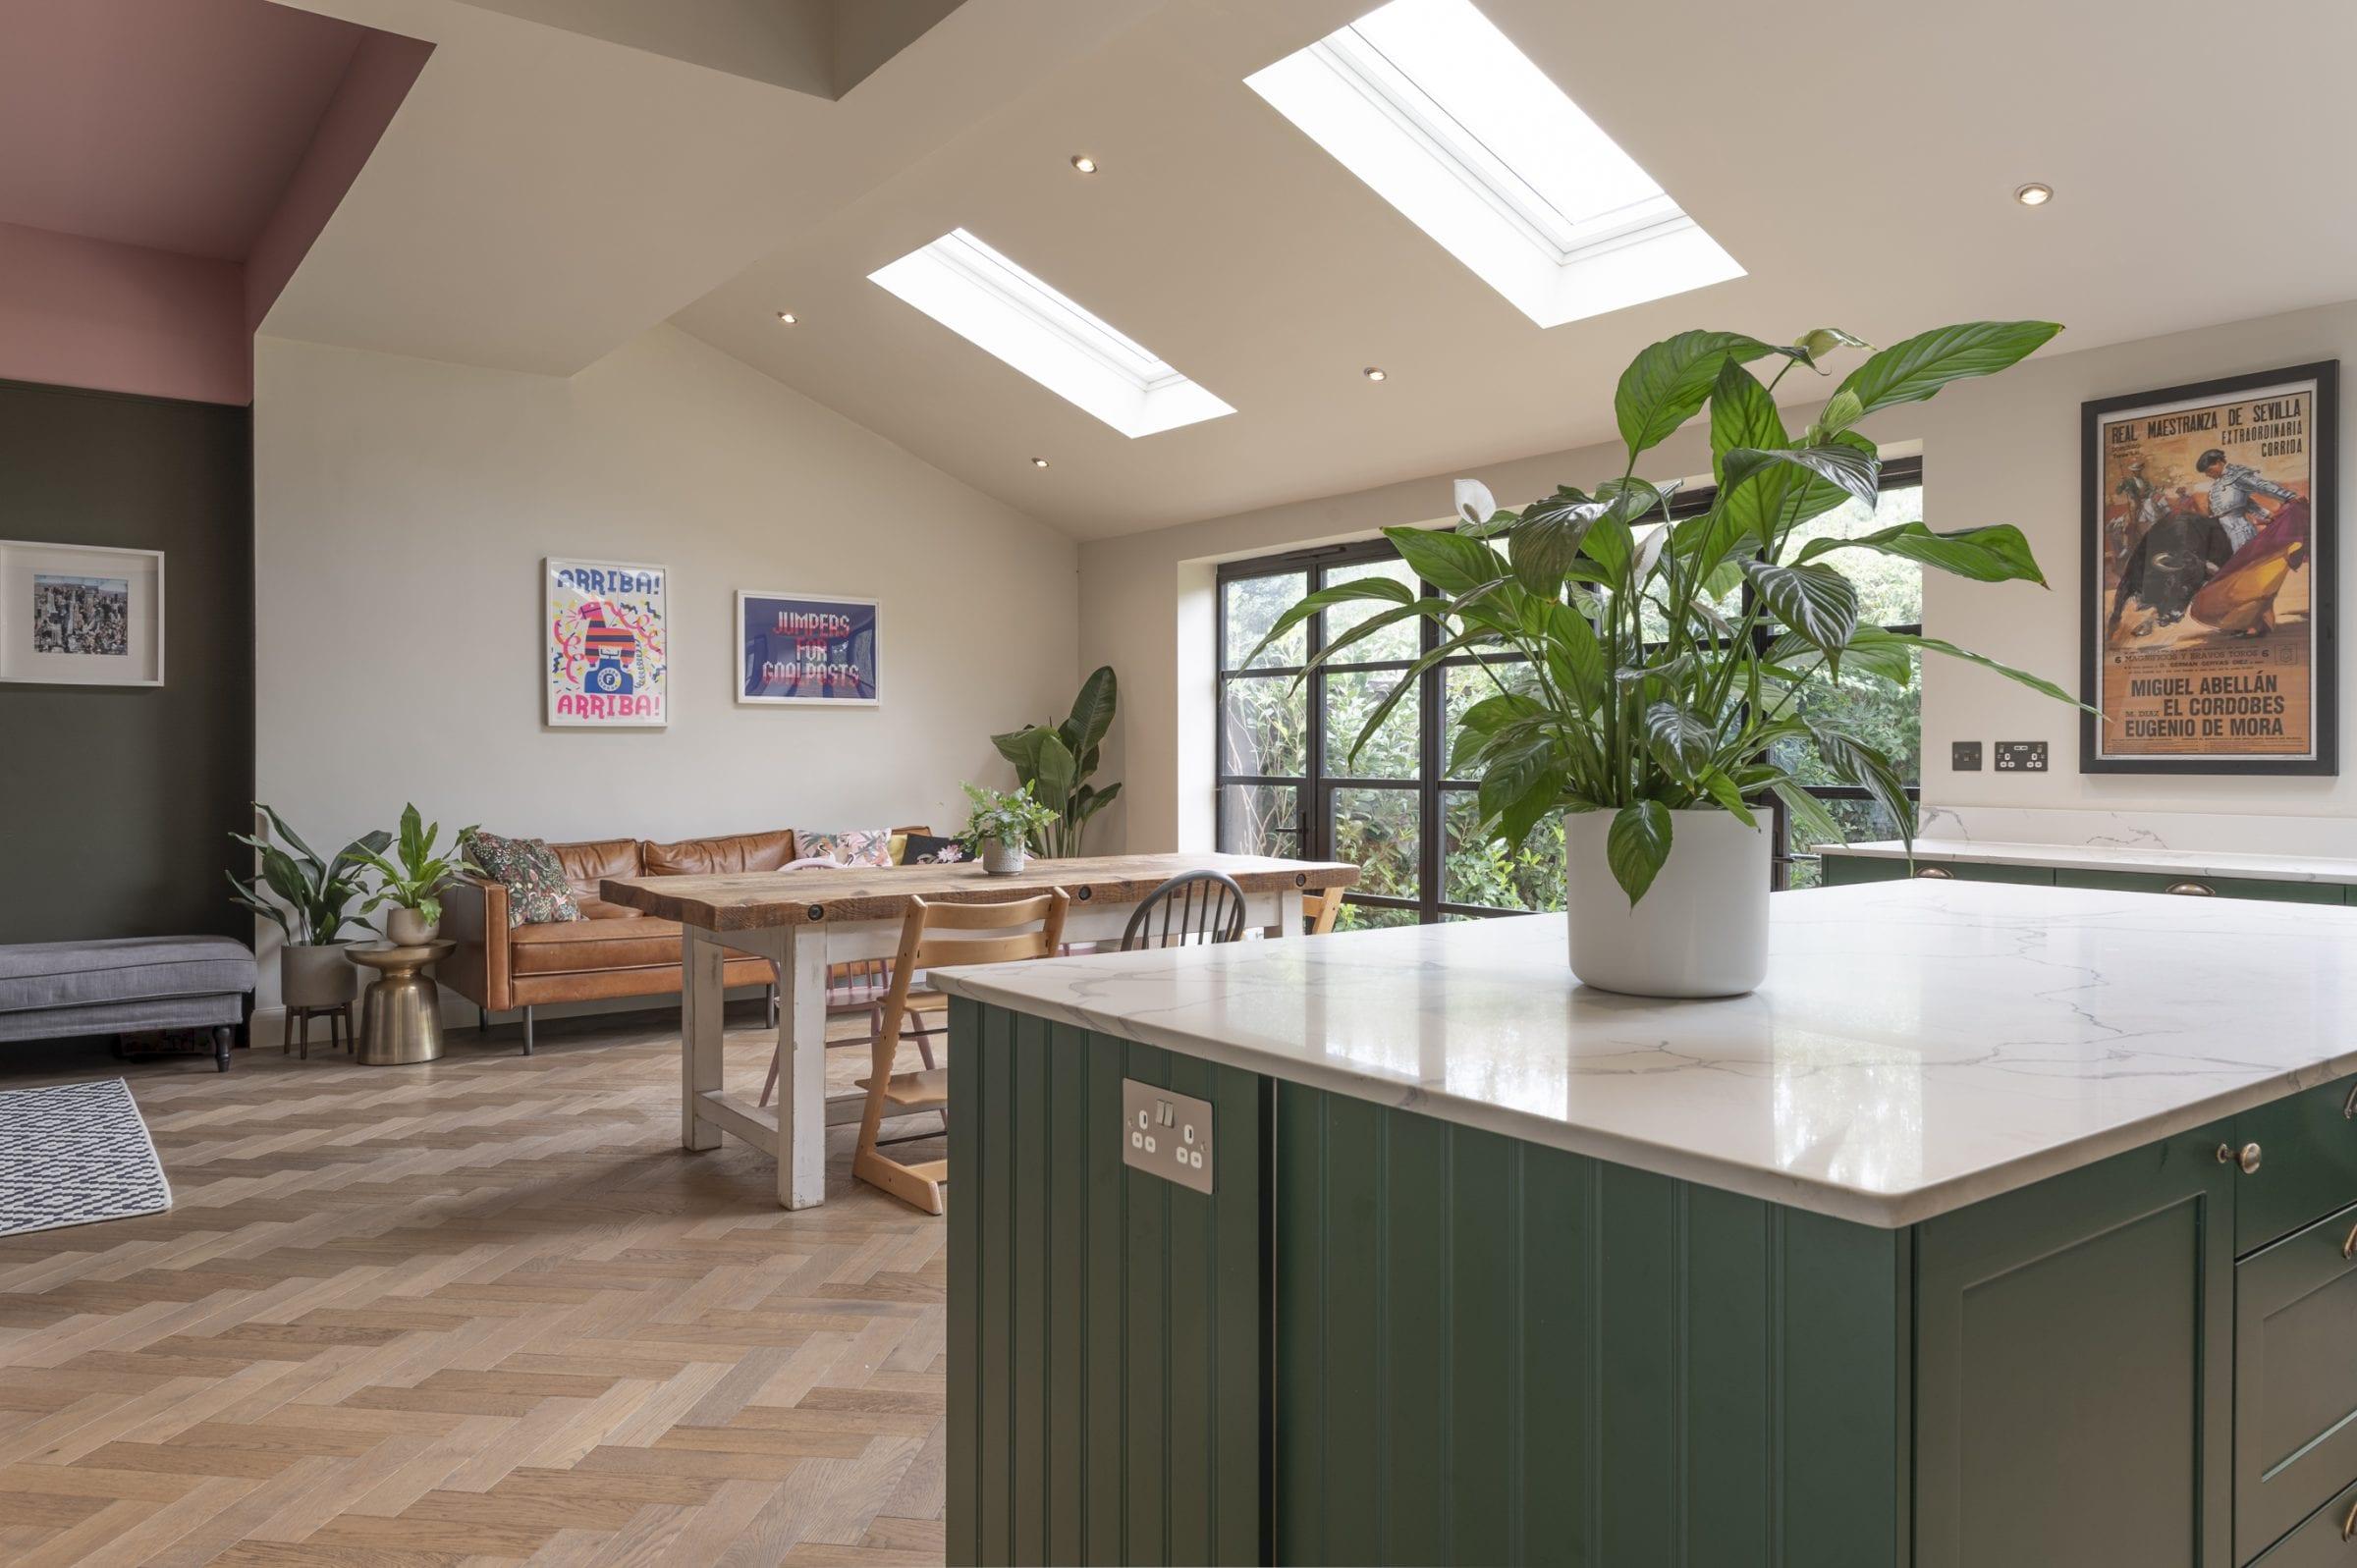 green kitchen with herringbone floors